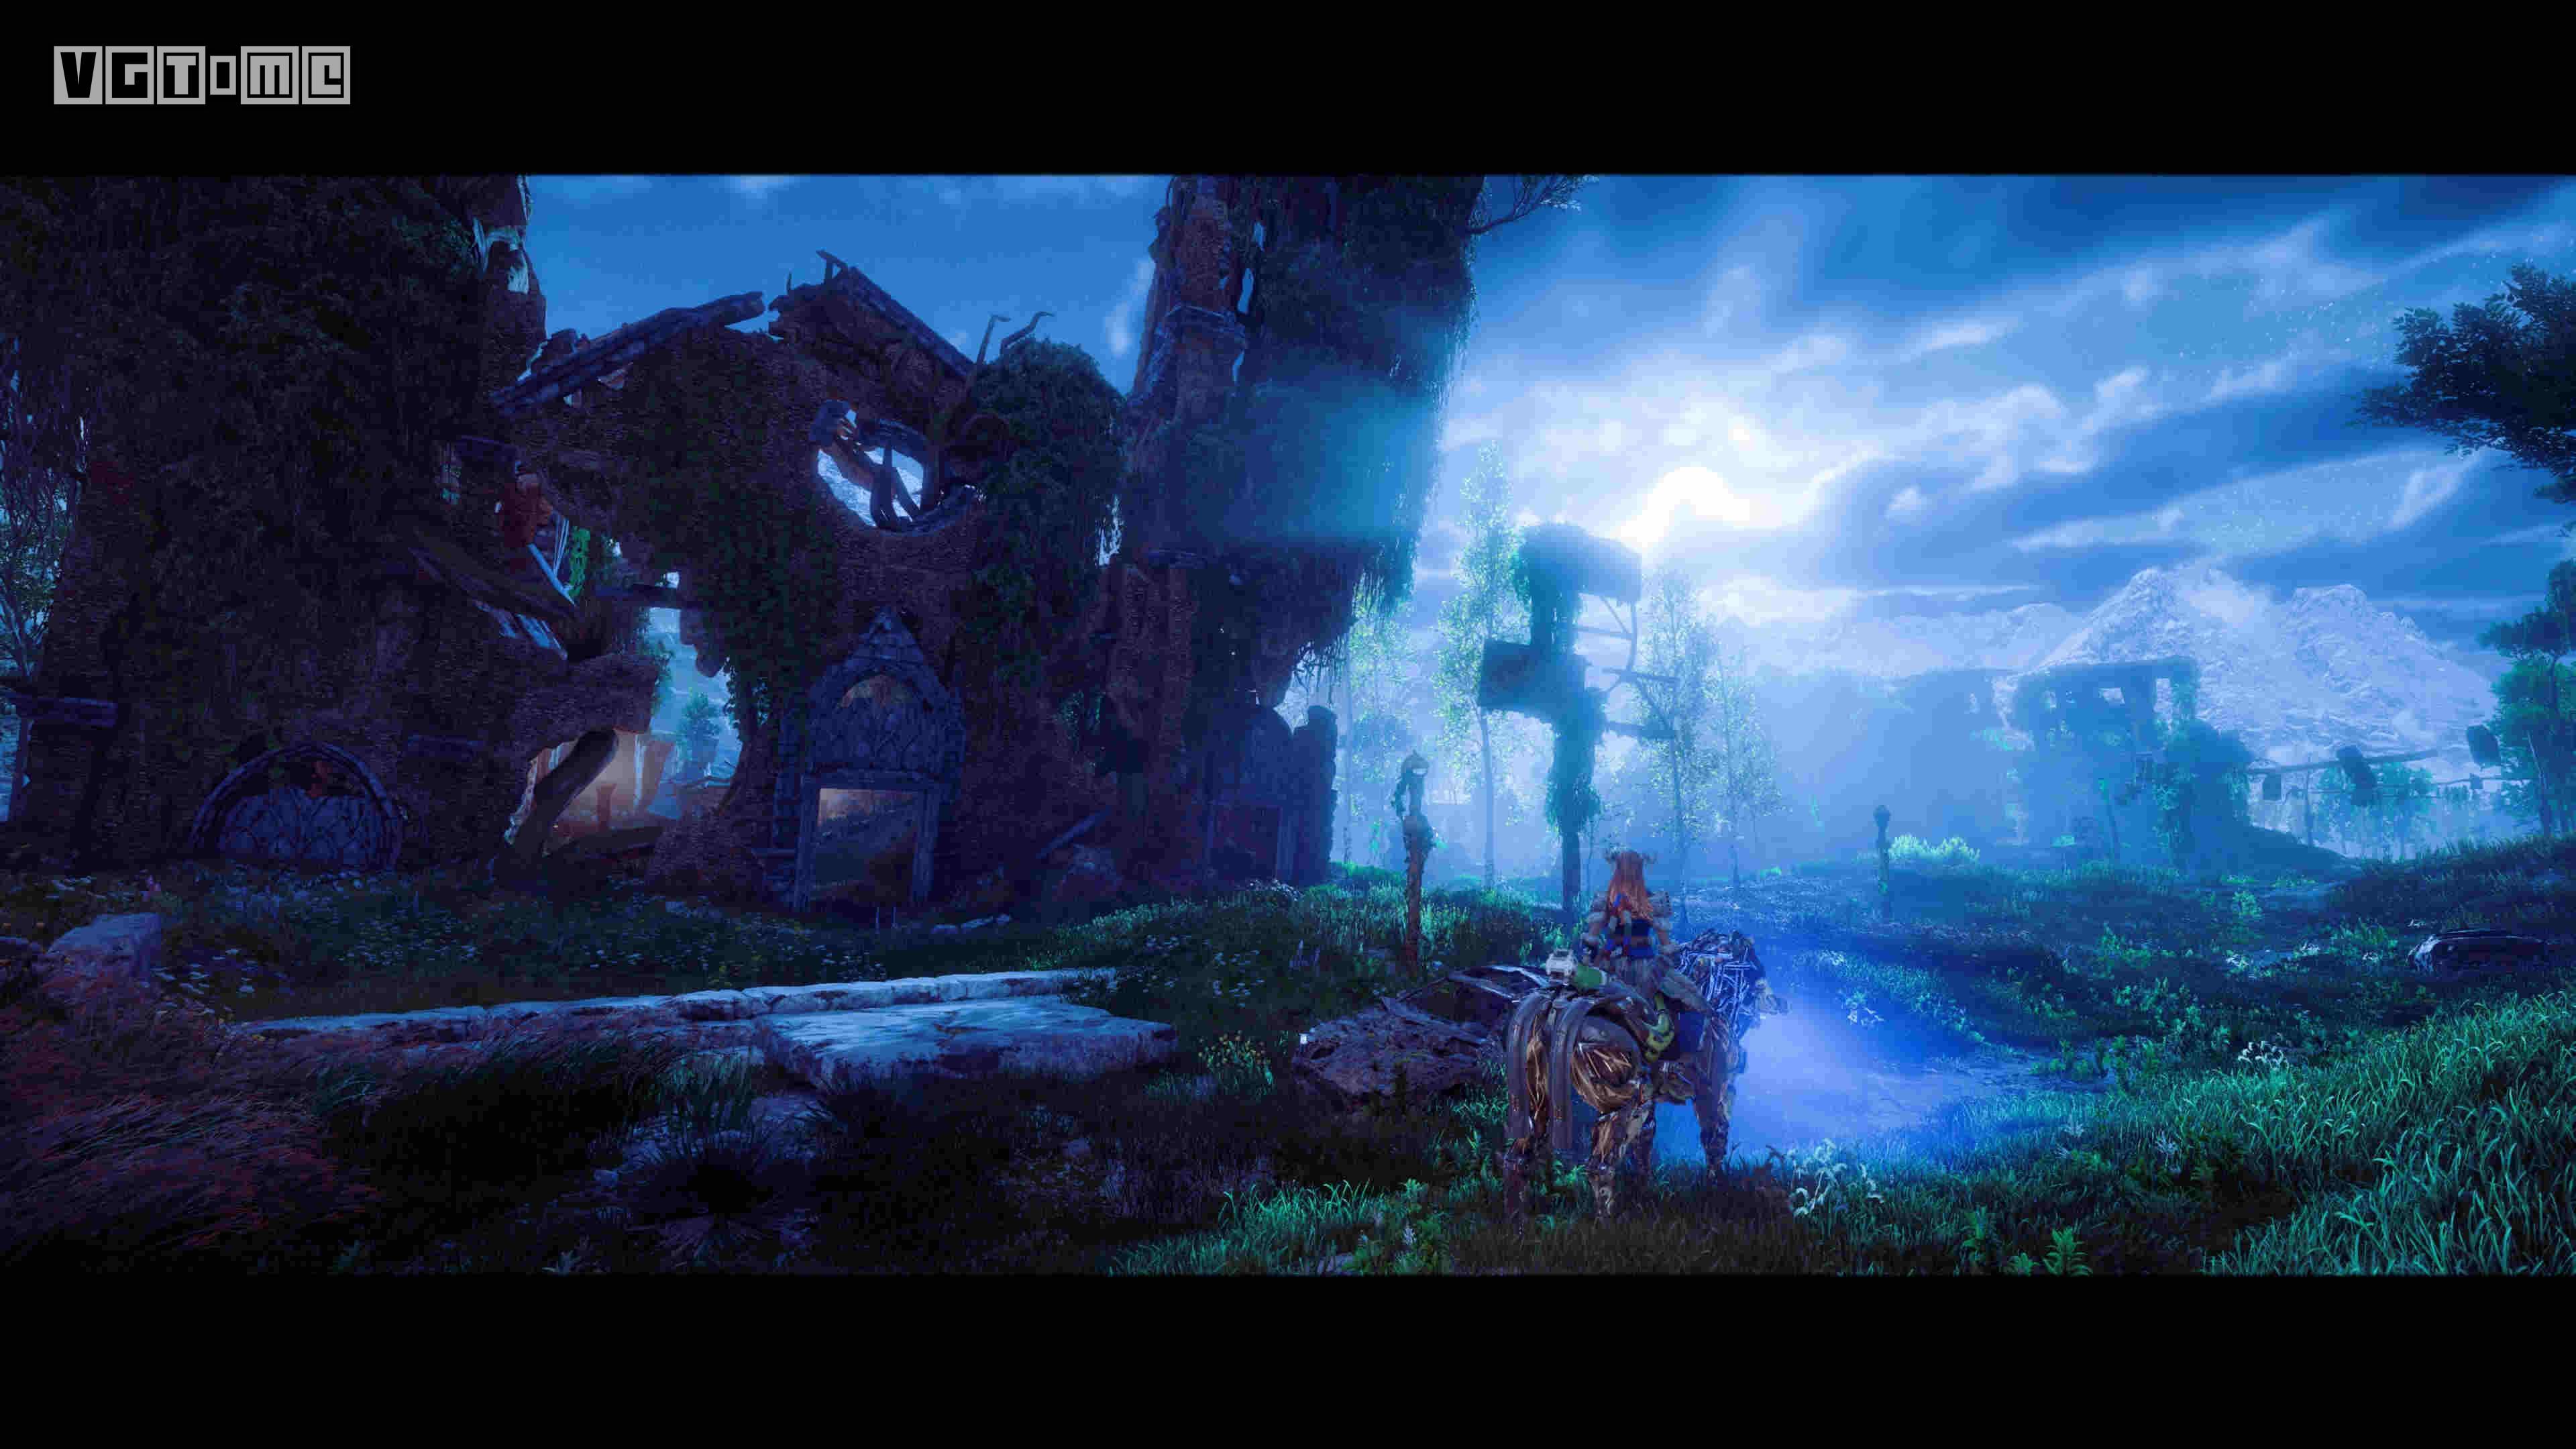 《地平线 零之曙光》摄影大赛投稿展示第二弹